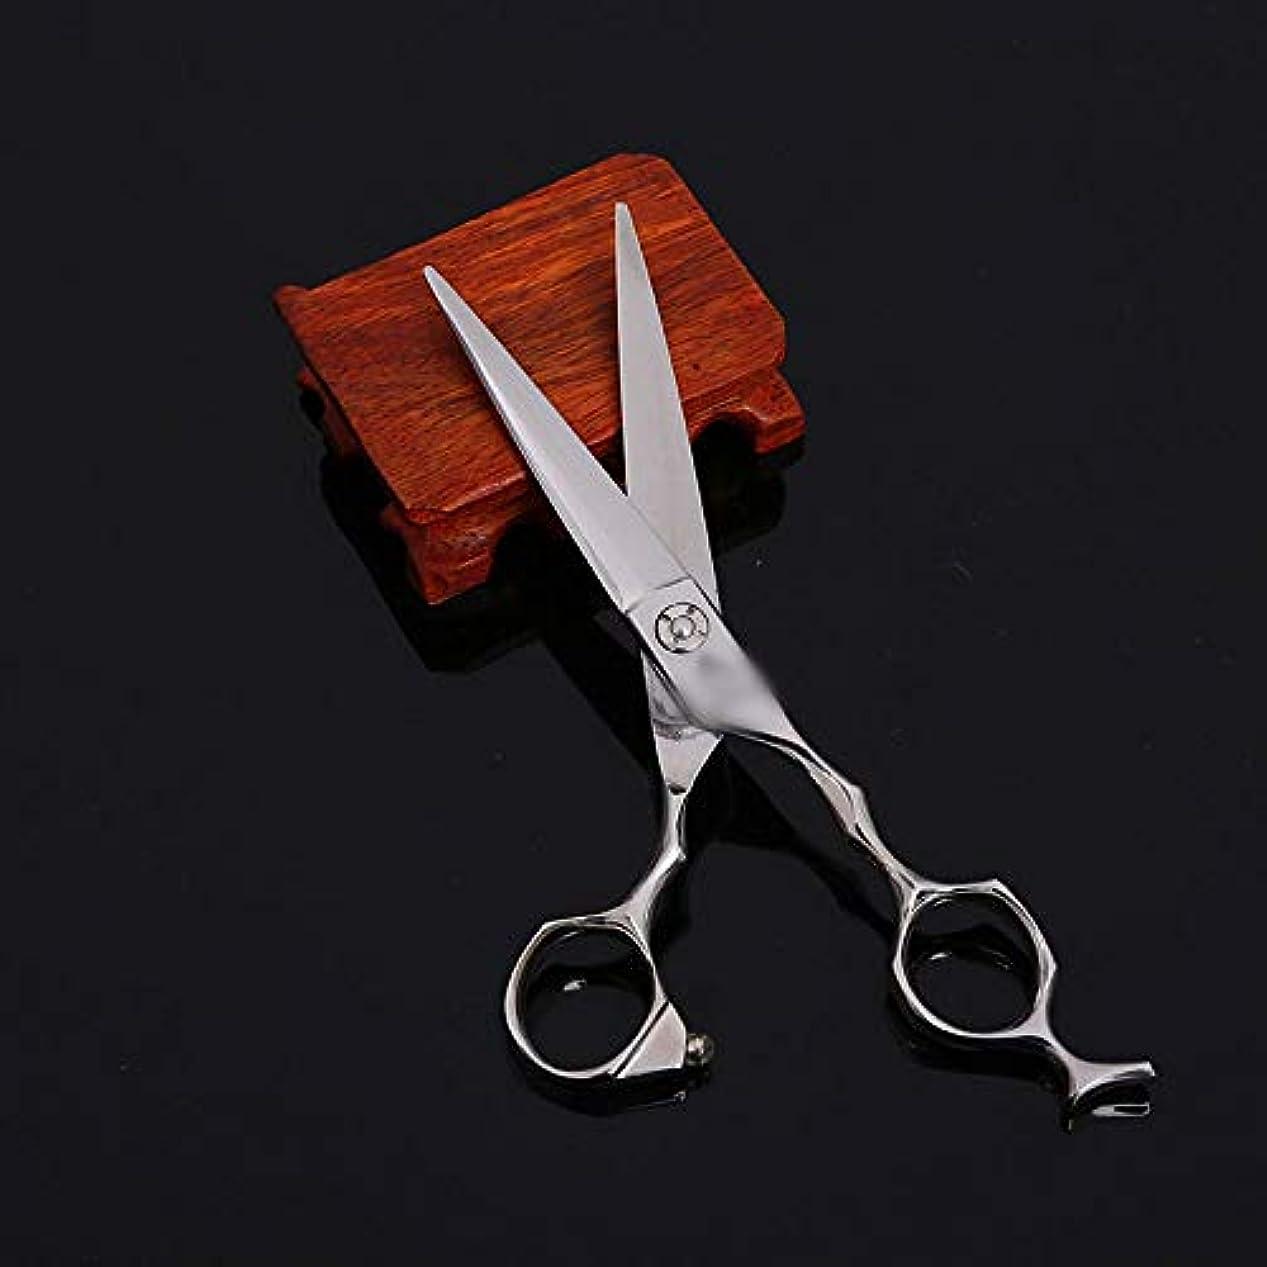 一掃する咽頭満足Goodsok-jp 6インチの理髪師の特別な上限の専門の理髪ツールの平らなせん断 (色 : Silver)